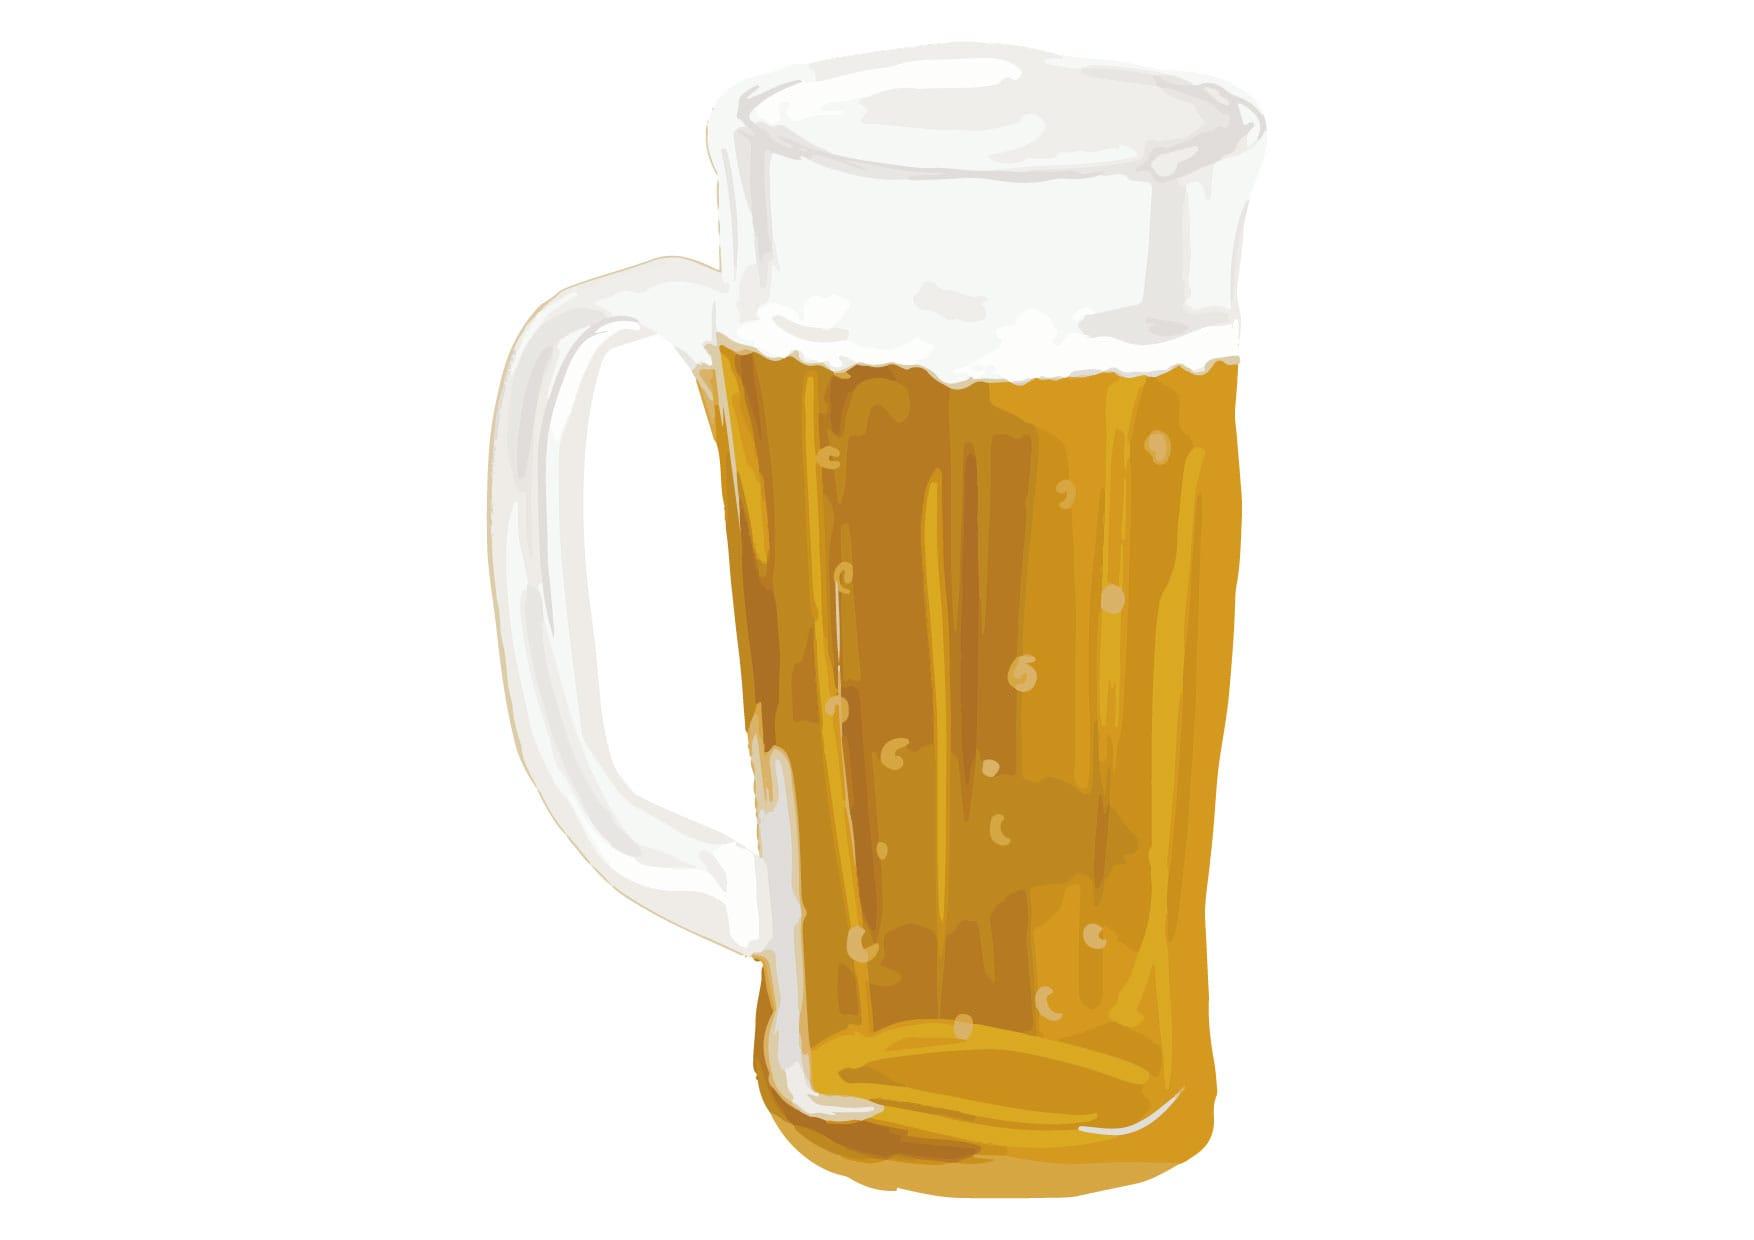 ビール ジョッキ 手書き イラスト 無料